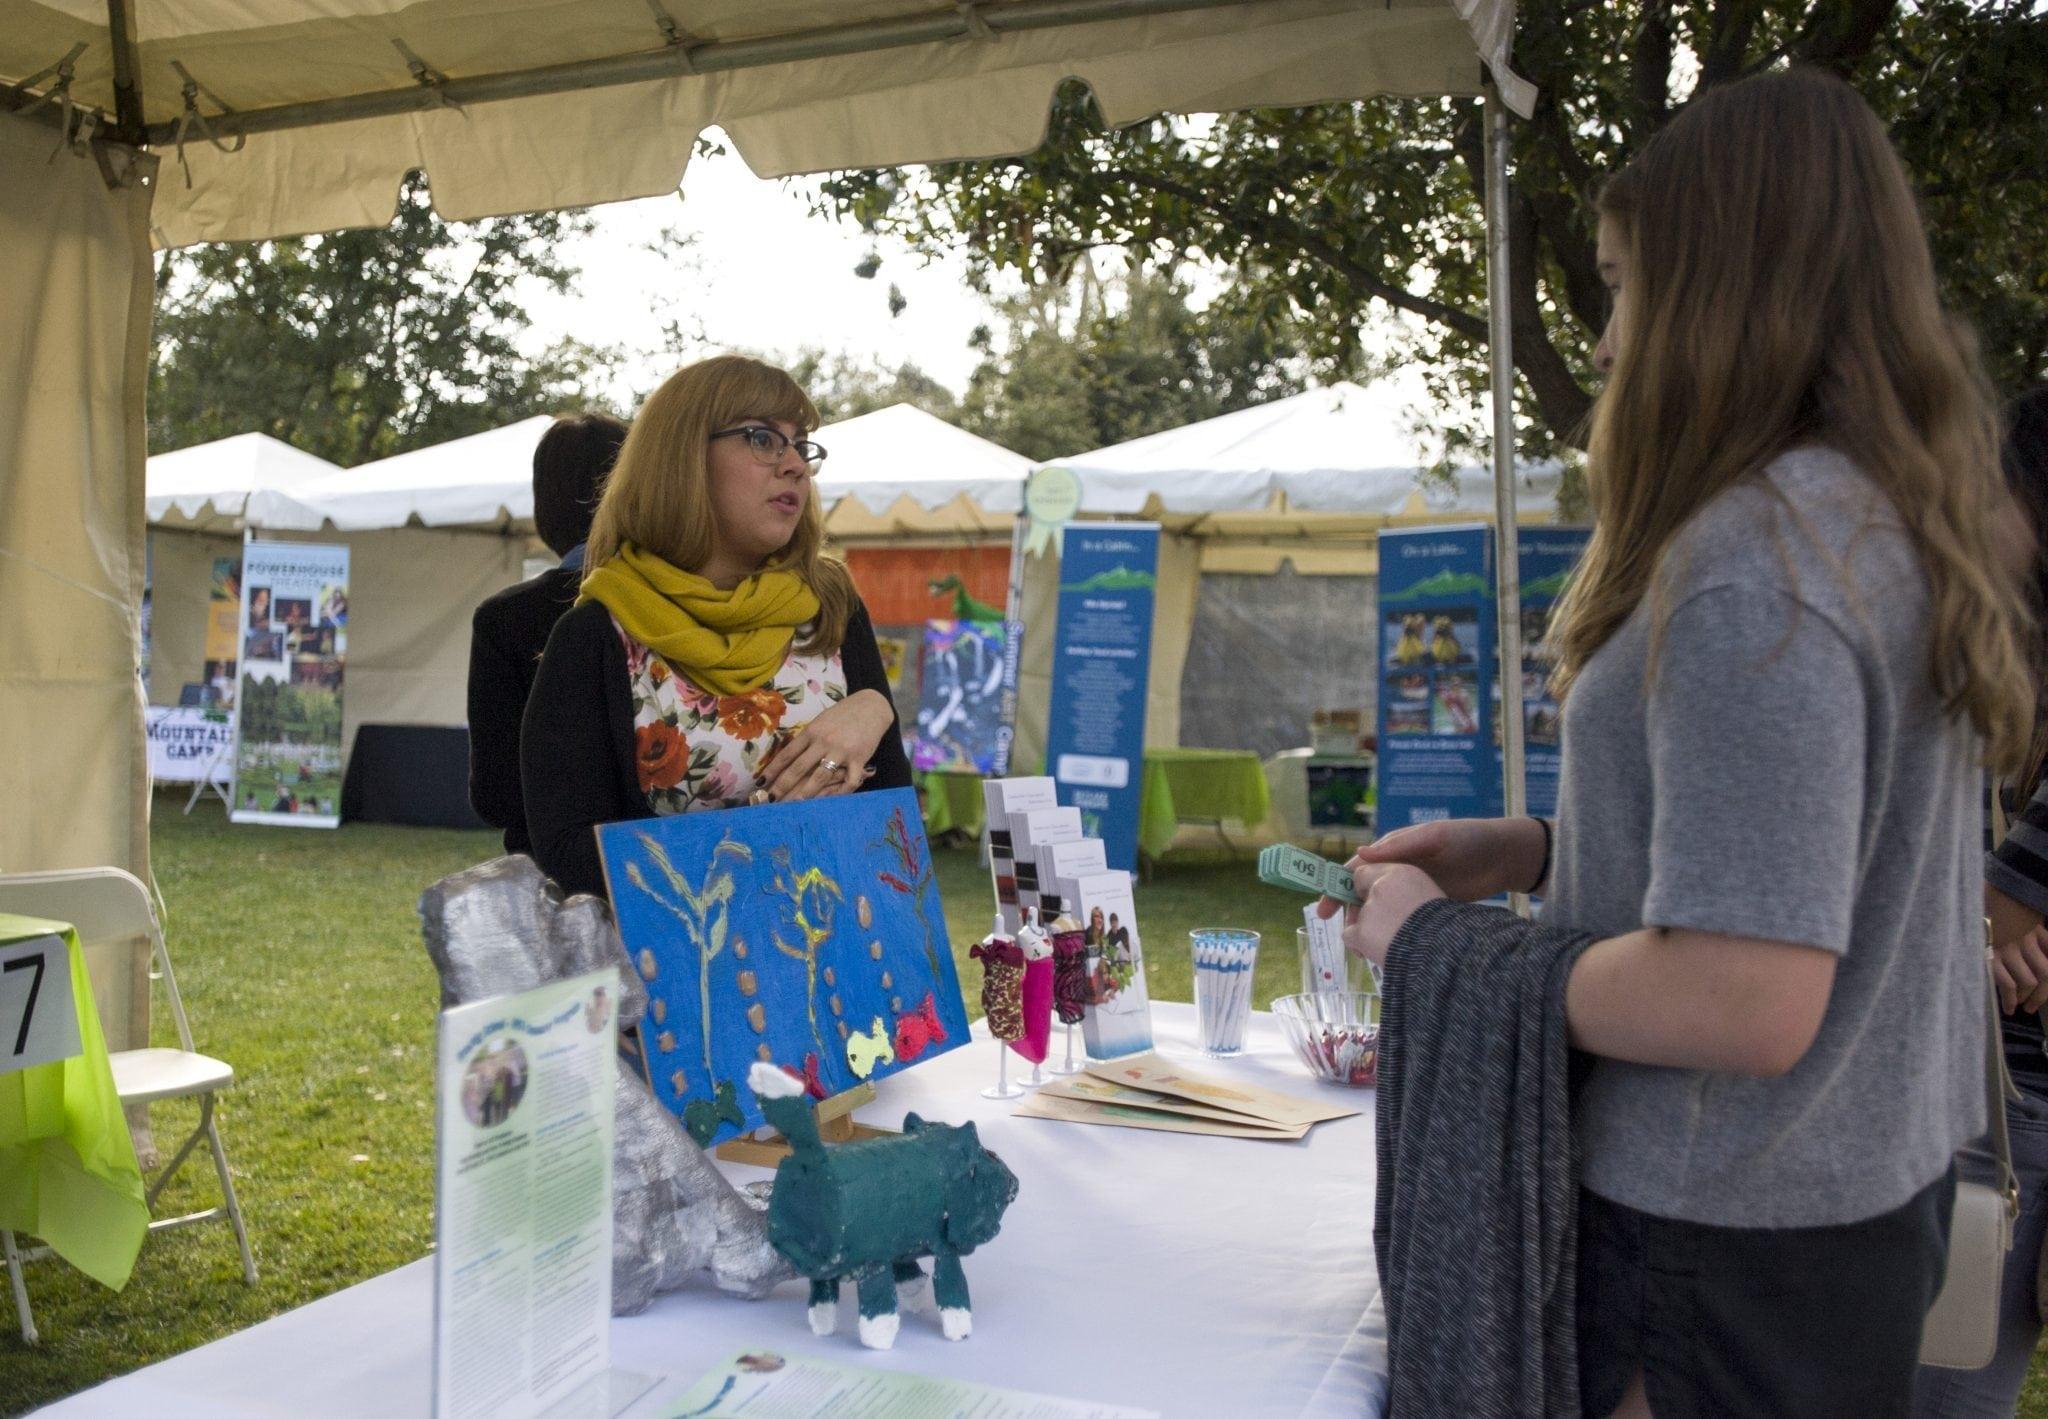 Westridge School's Summer Opportunities Fair